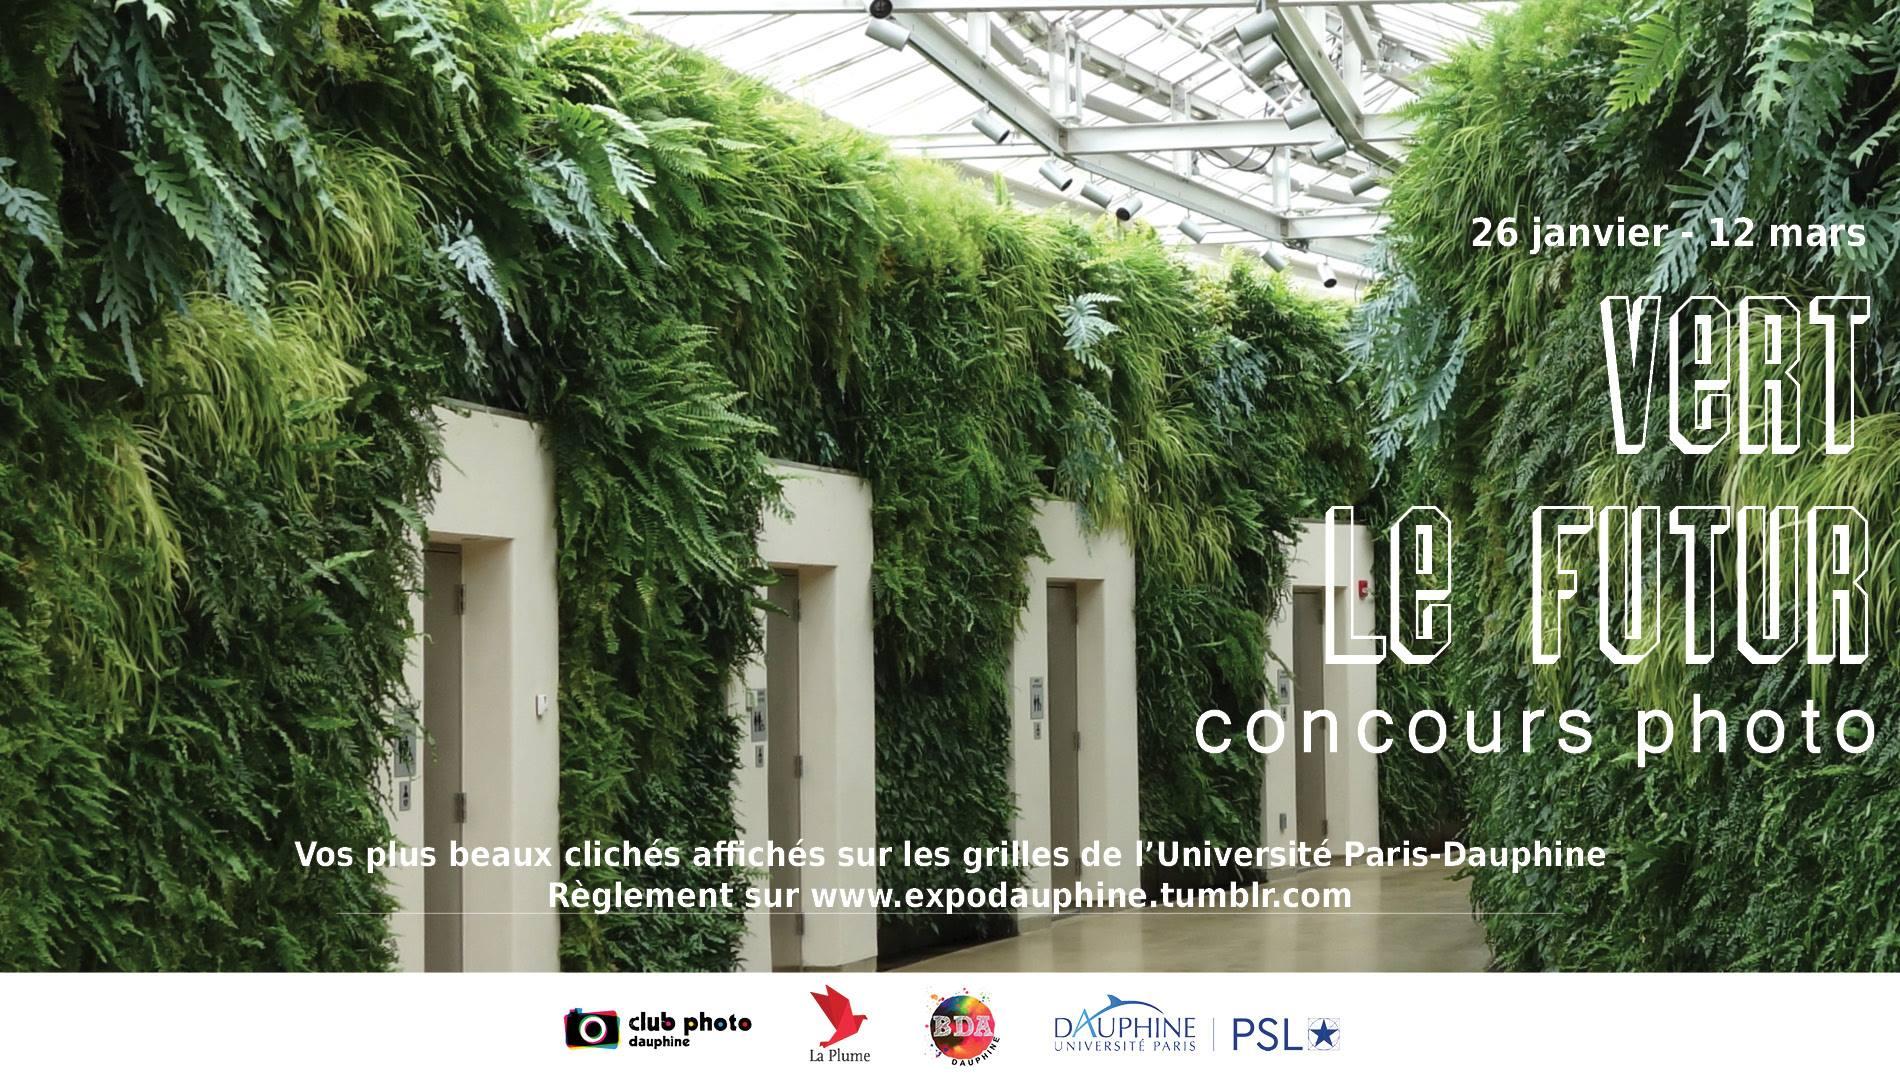 Le concours-photo de l'université Paris-Dauphine revient pour une 5ème édition